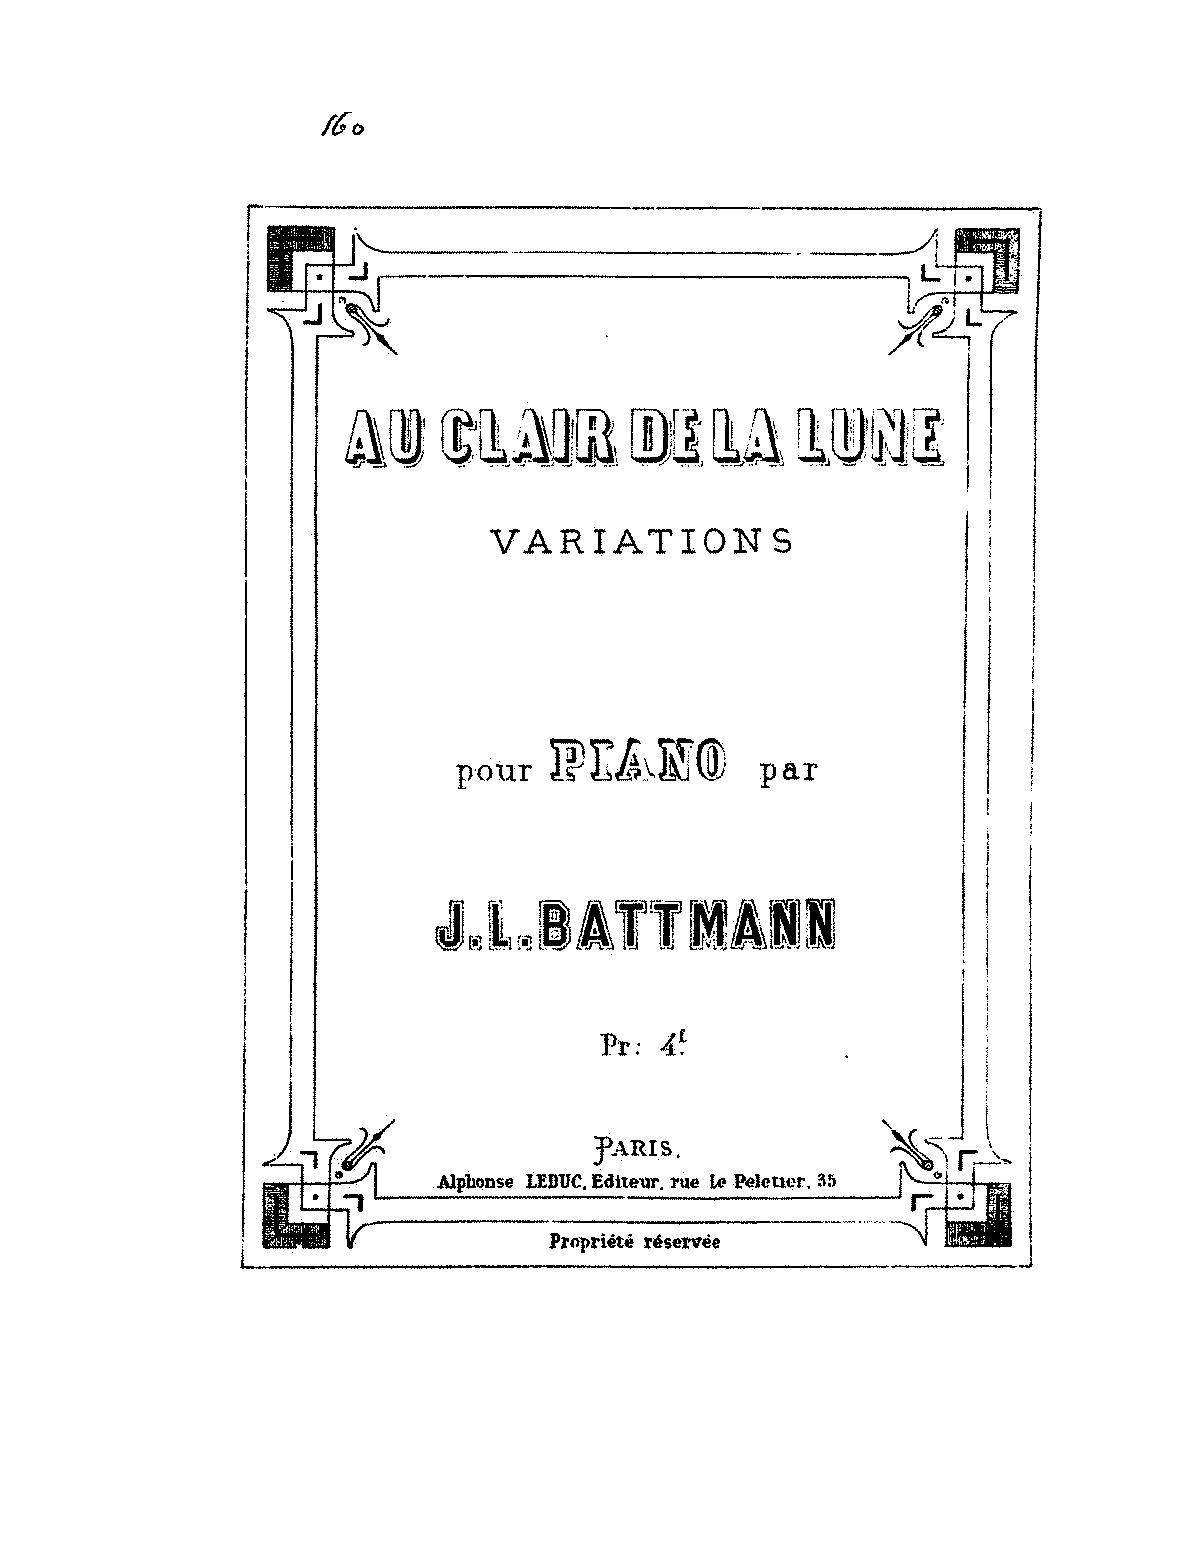 Au clair de la lune (Battmann, Jacques-Louis) - IMSLP/Petrucci Music